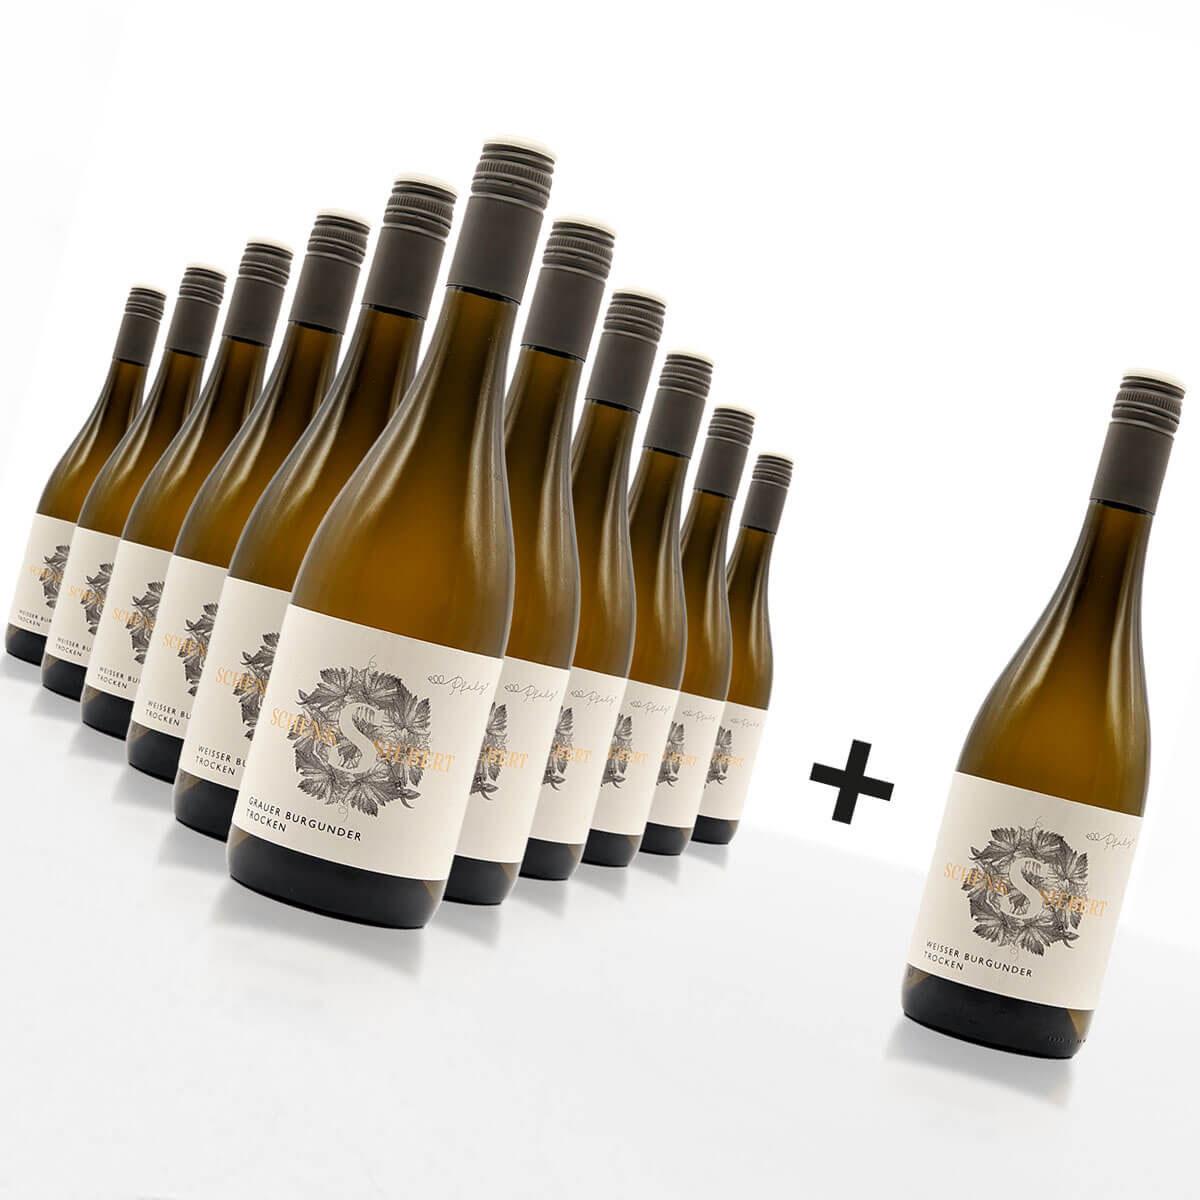 11+1 Weiss- & Grauburgunder Weinpaket • Weingut Schenk-Siebert